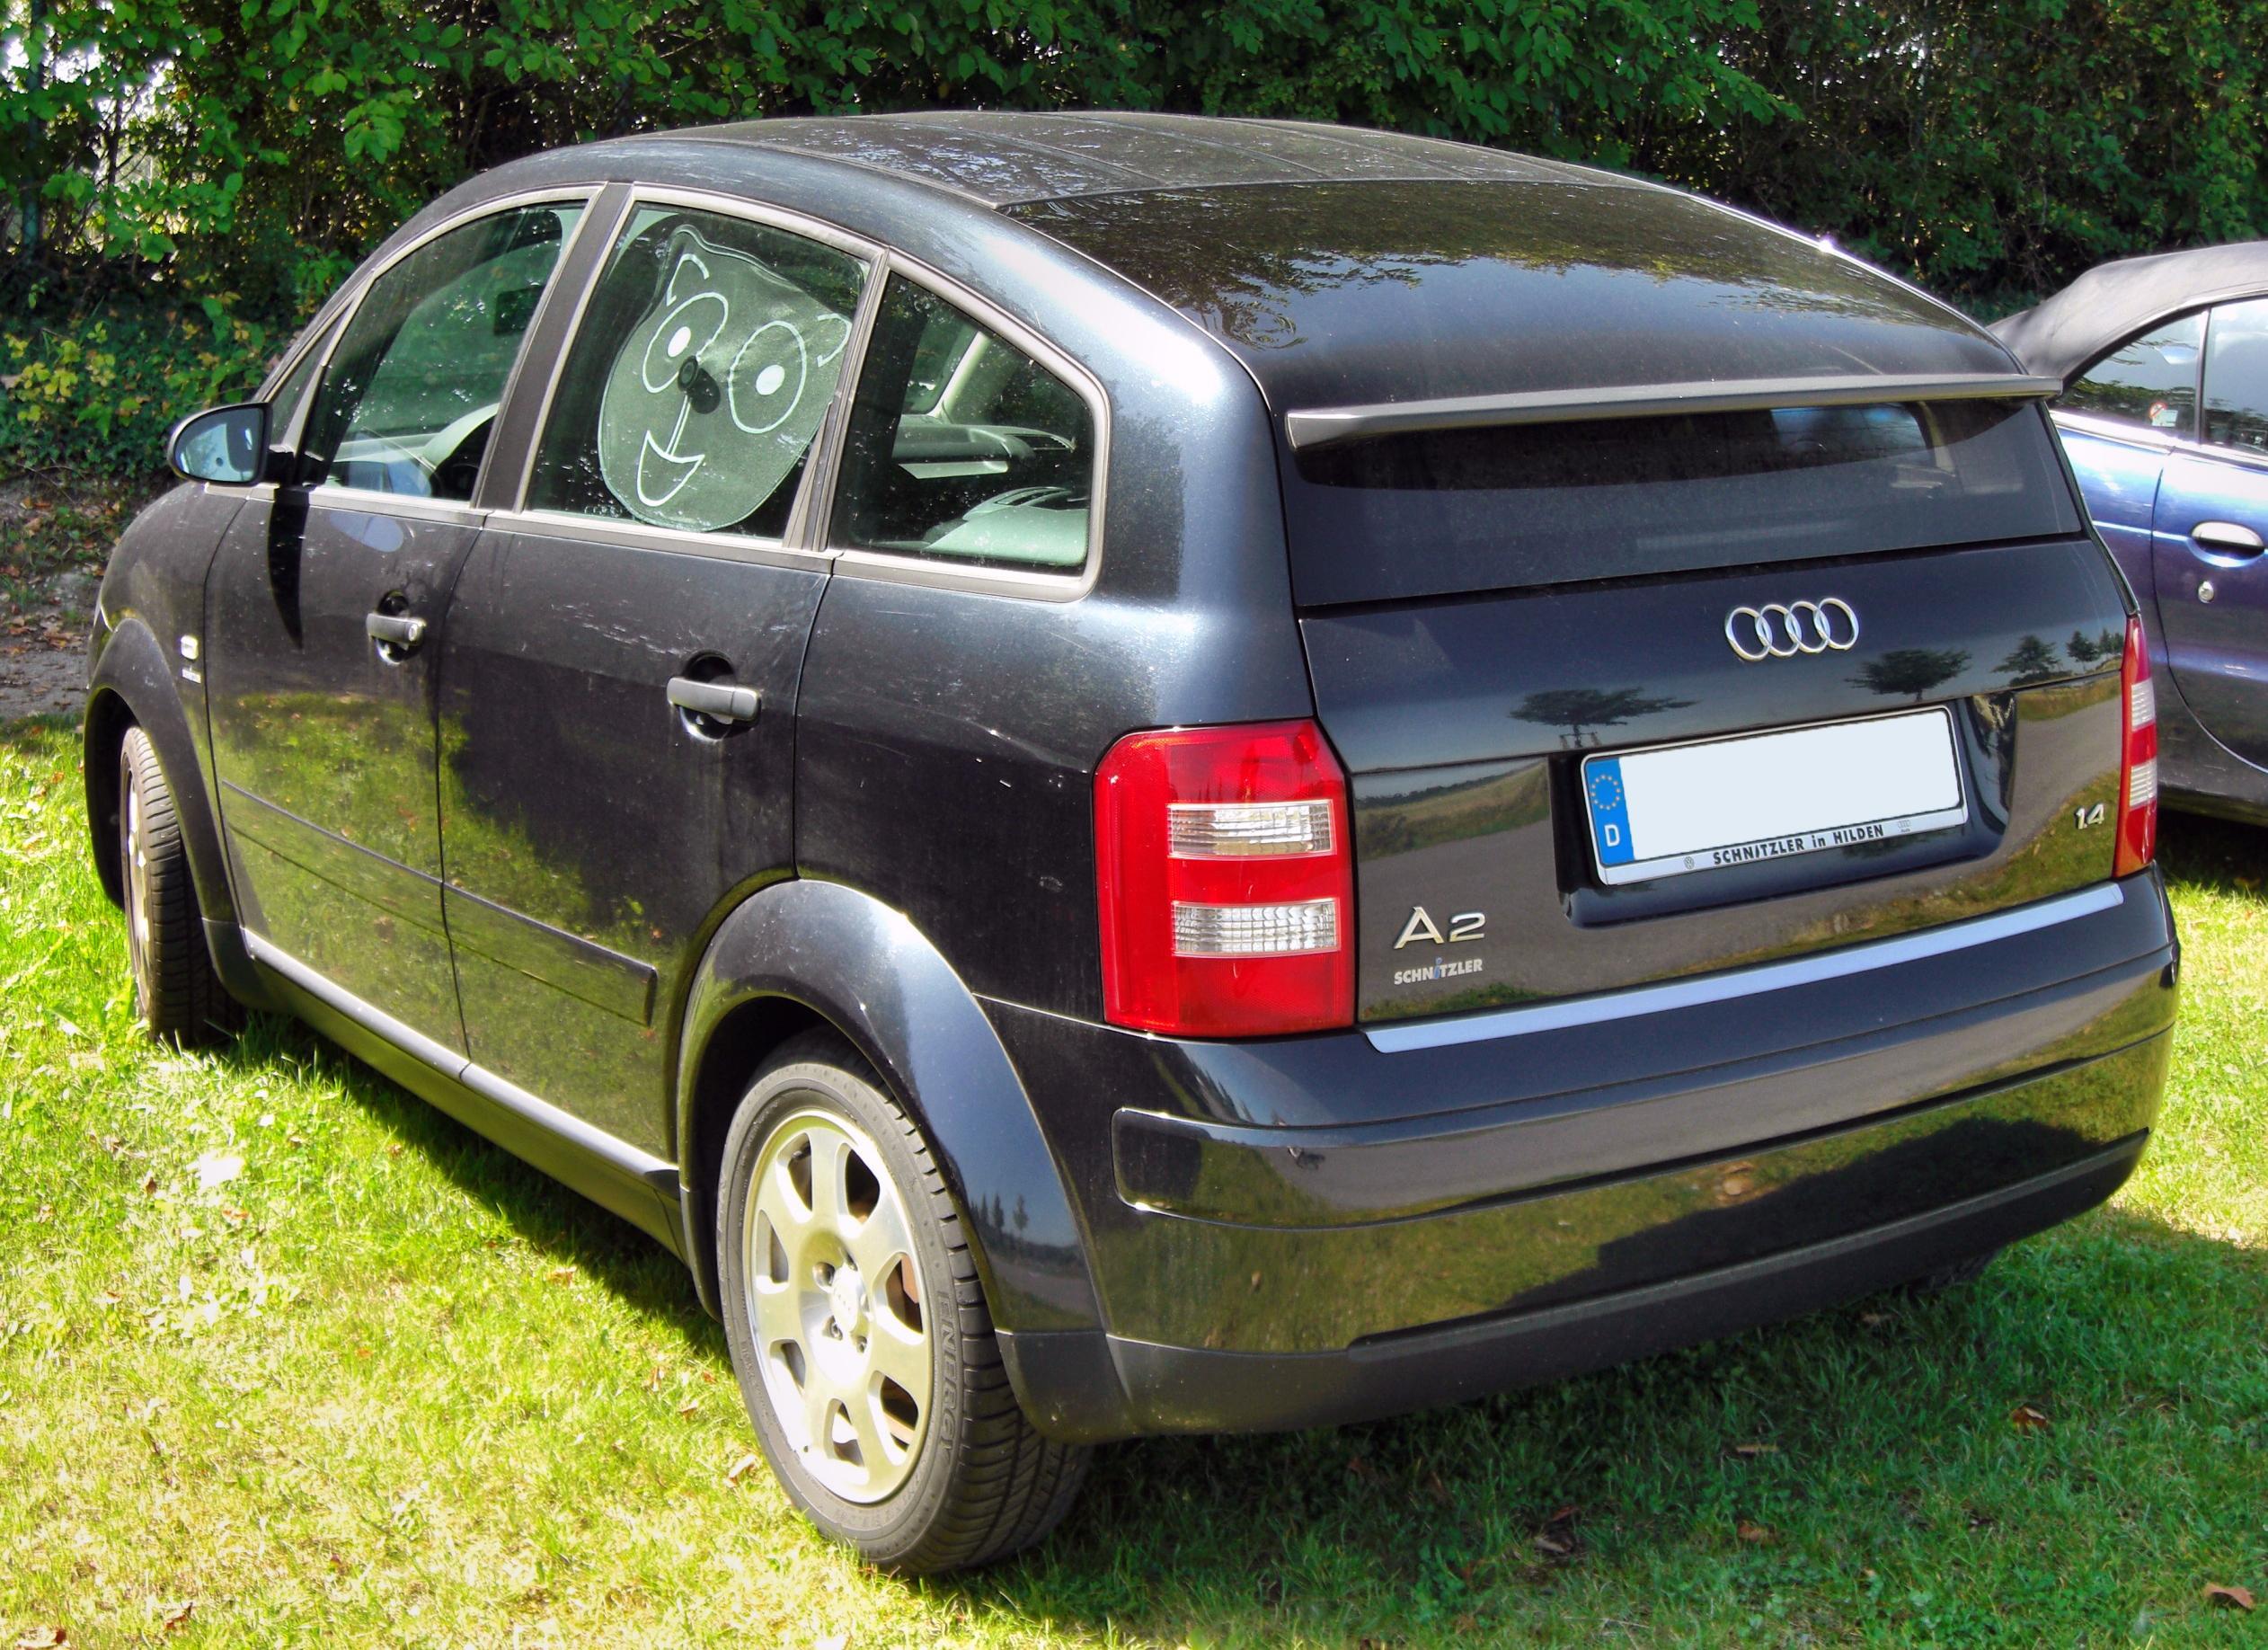 File Audi A2 20090815 Rear Jpg Wikimedia Commons